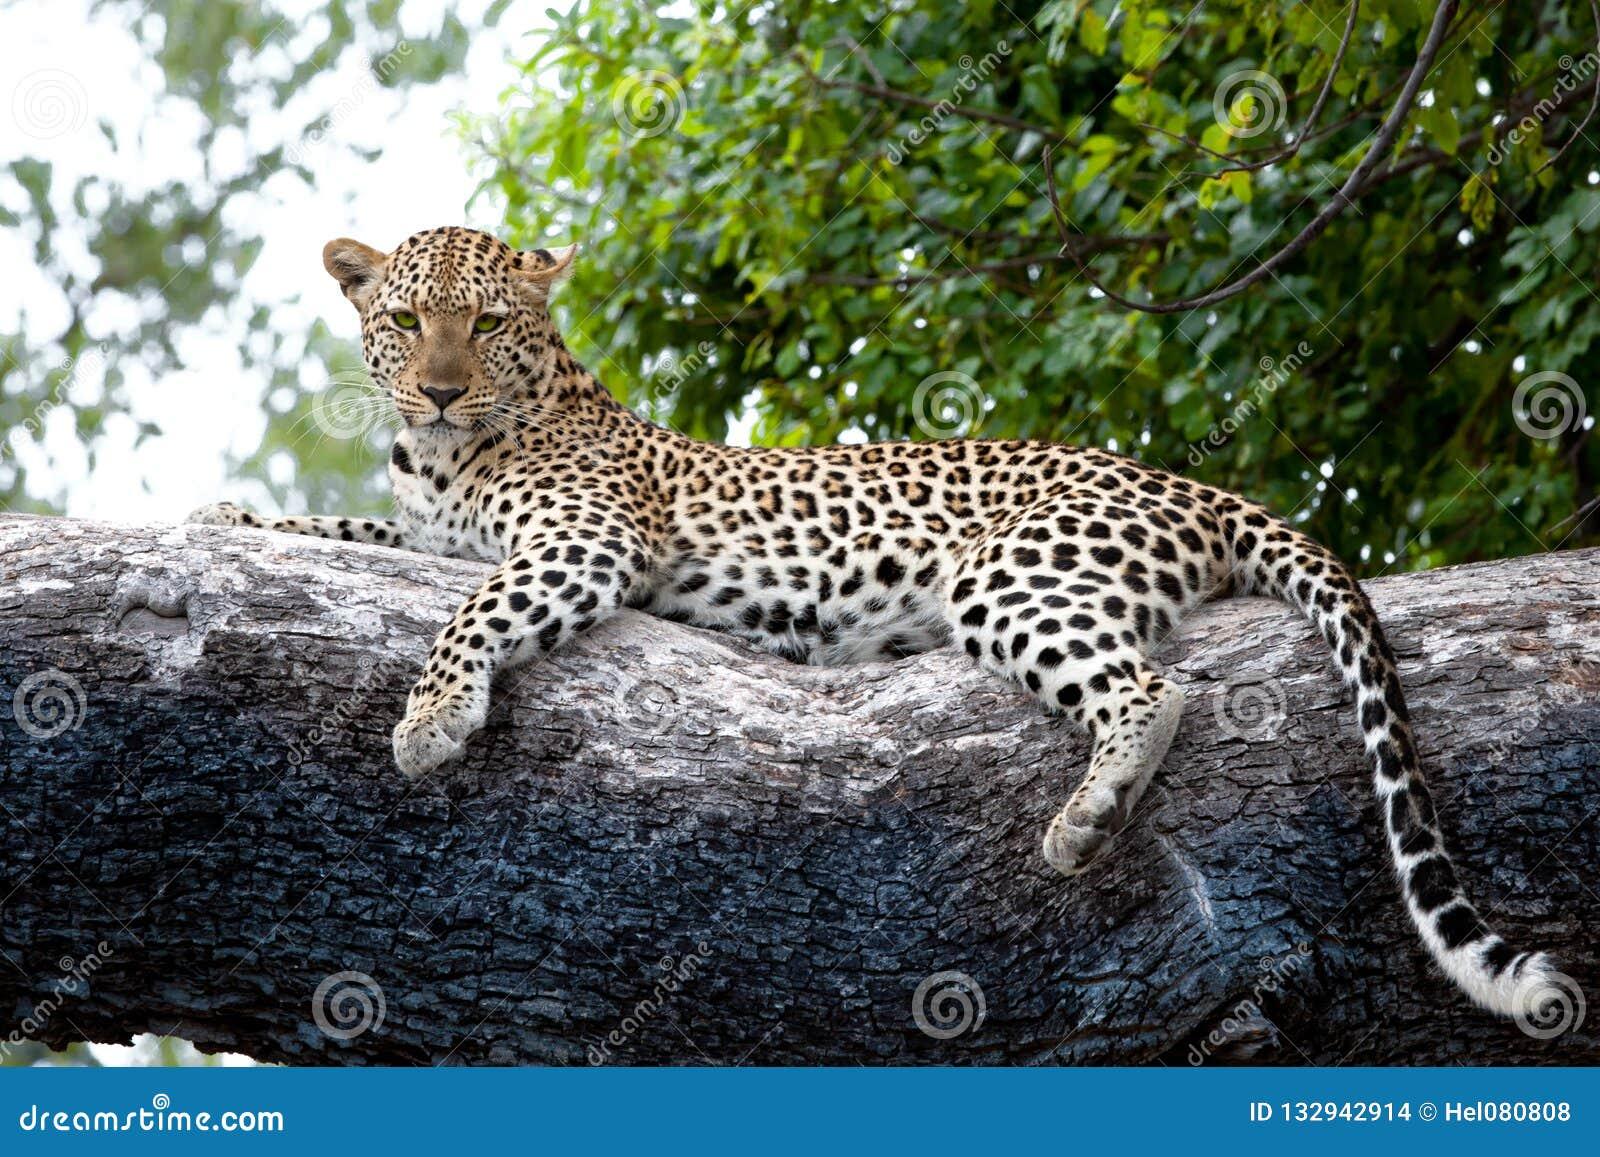 Leopard on tree, Botswana, Africa. Watchful leopard on huge tree trunk Okavango Delta, Botswana